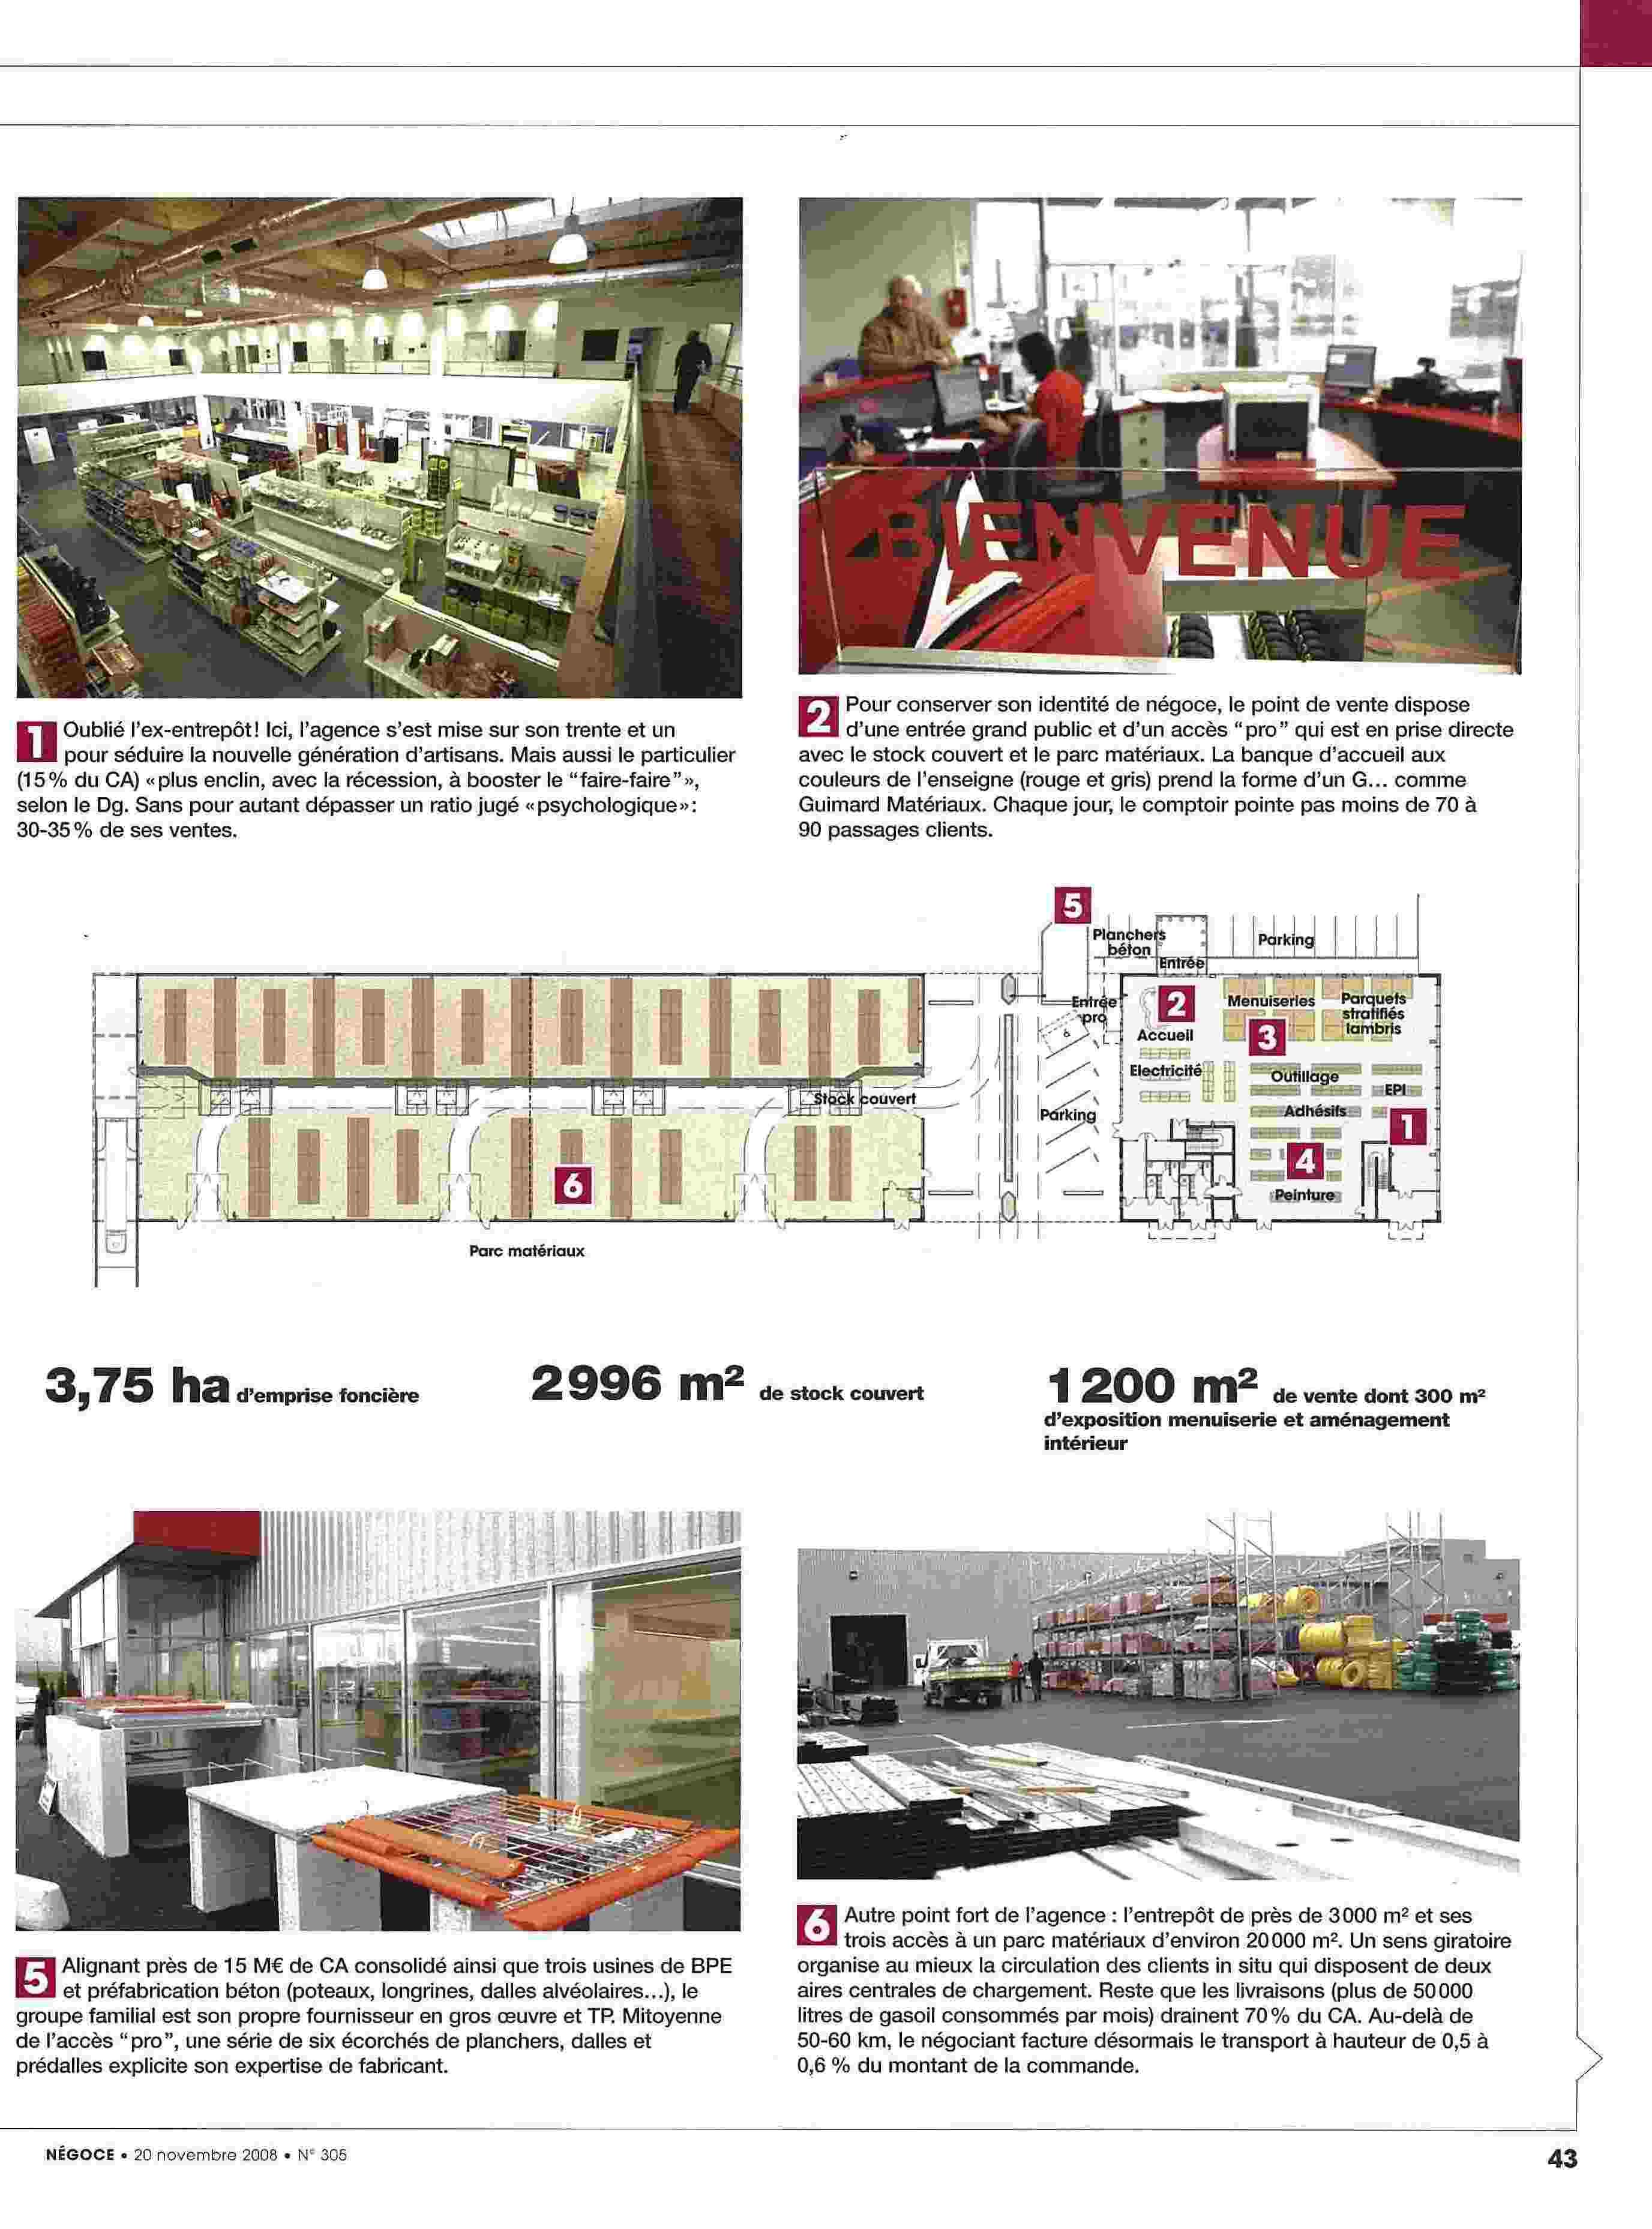 NEGOCE NOVEMBRE 2008 PAGE 2